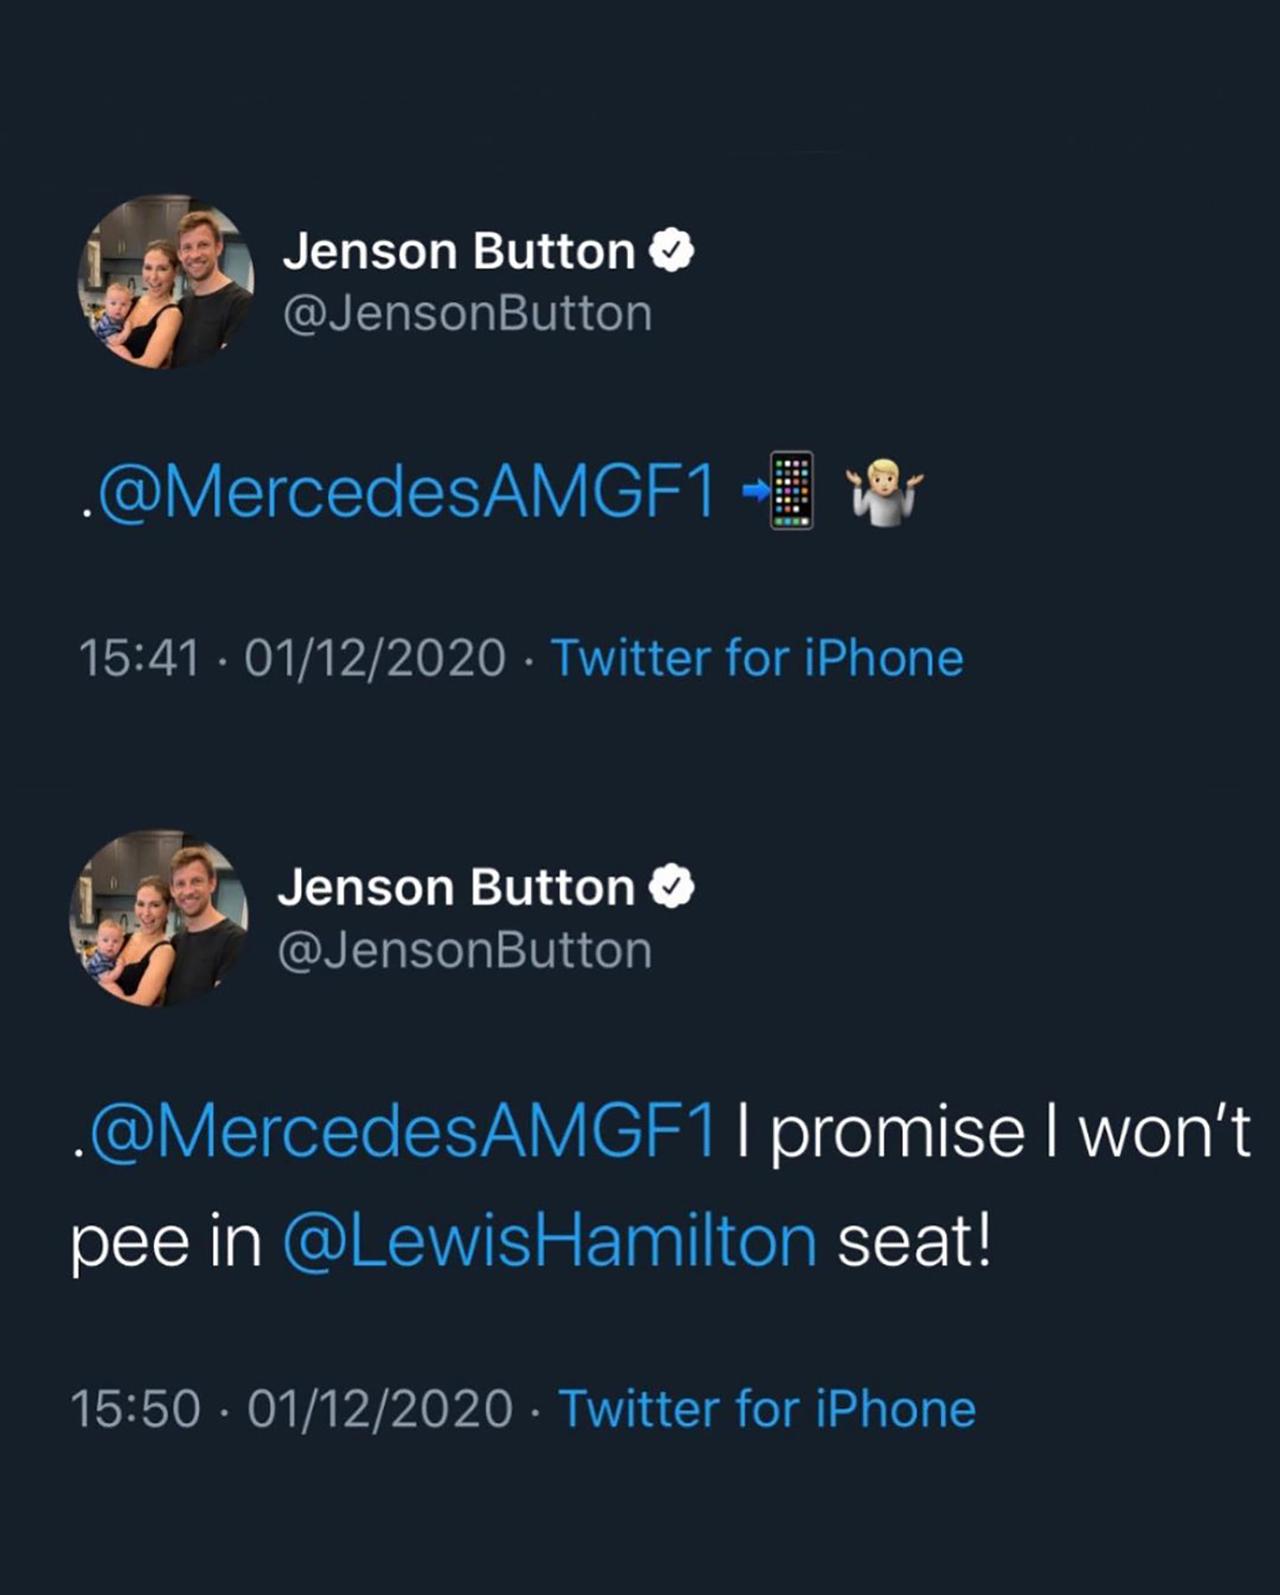 ジェンソン・バトン メルセデスF1 ツイート